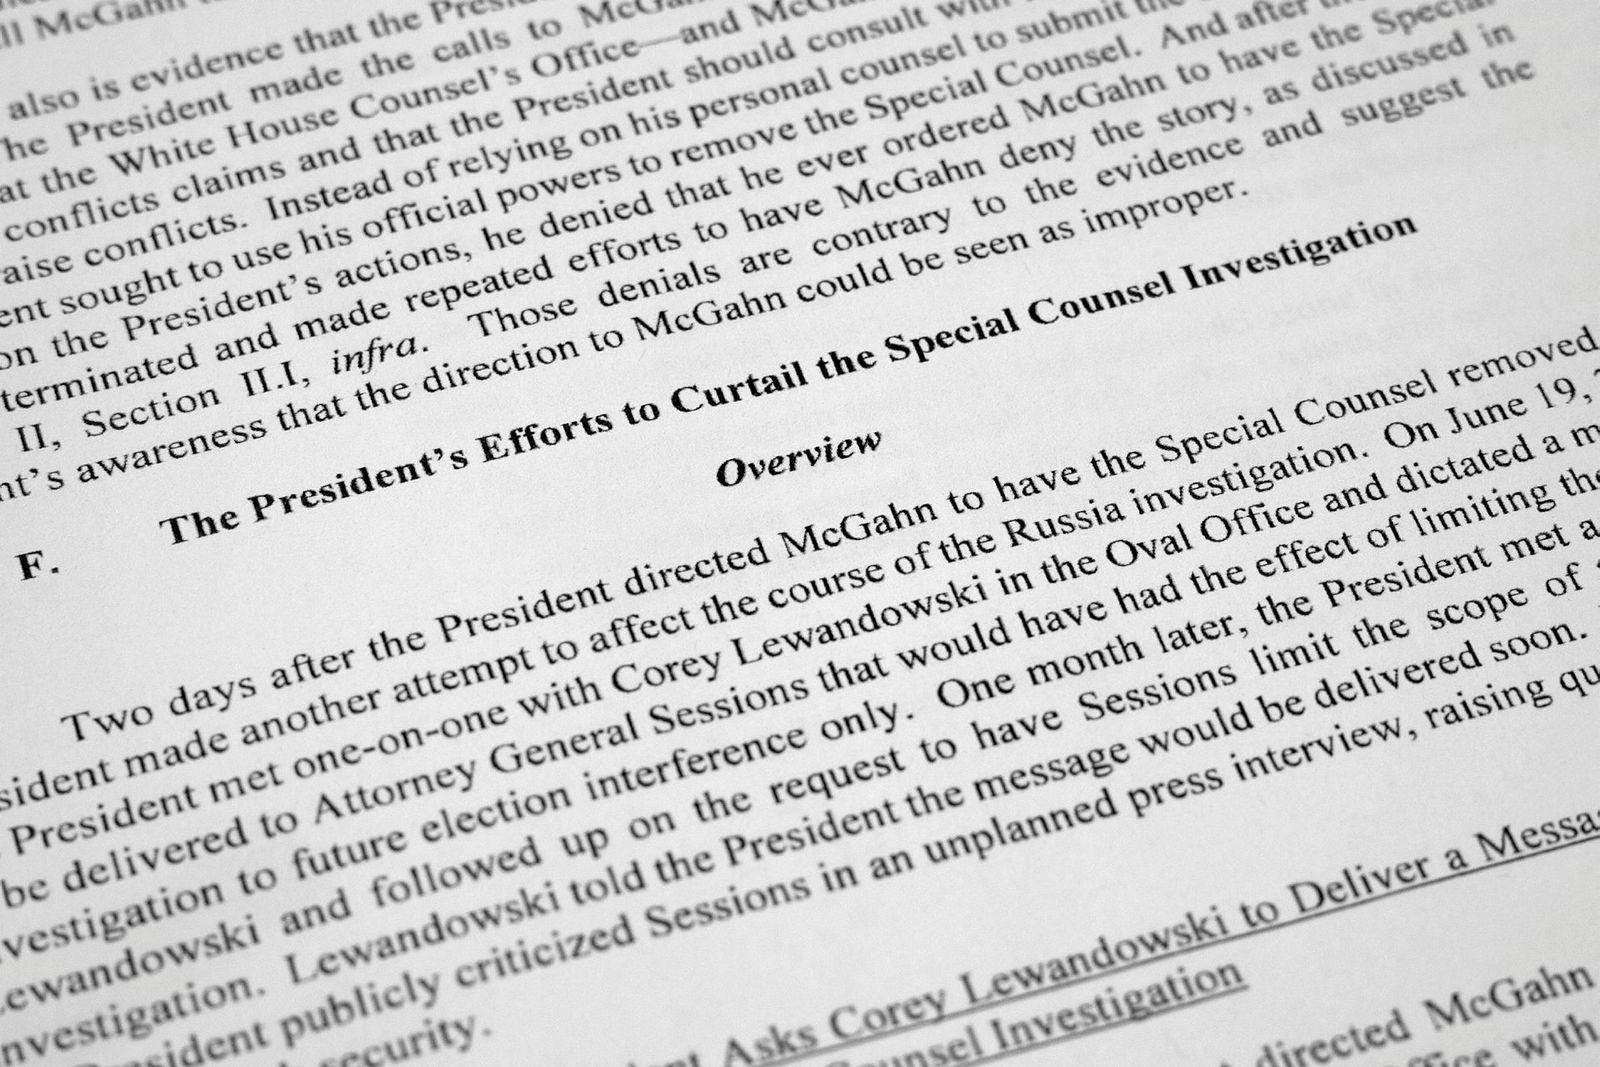 Spesialetterforsker Robert Muellers rapport er gitt ut med enkelte deler av rapporten sladdet. Siden viser til presidentens forsøk på å få kontroll over etterforskningen.